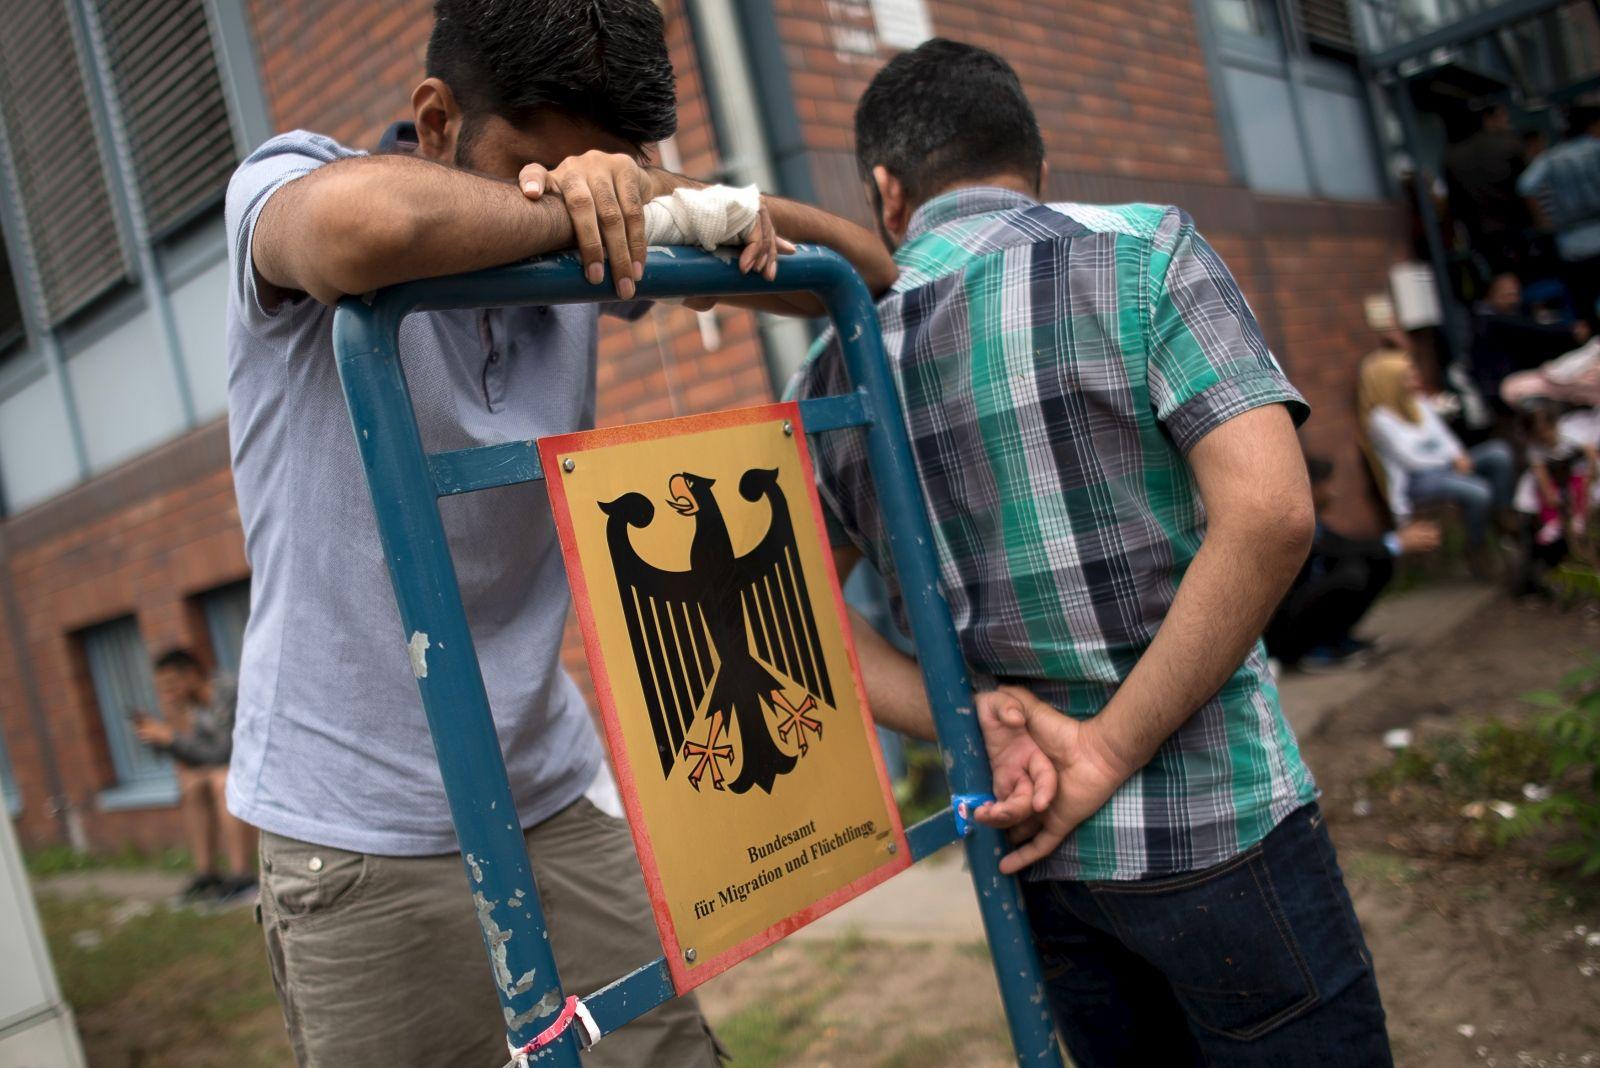 German asylum seekers